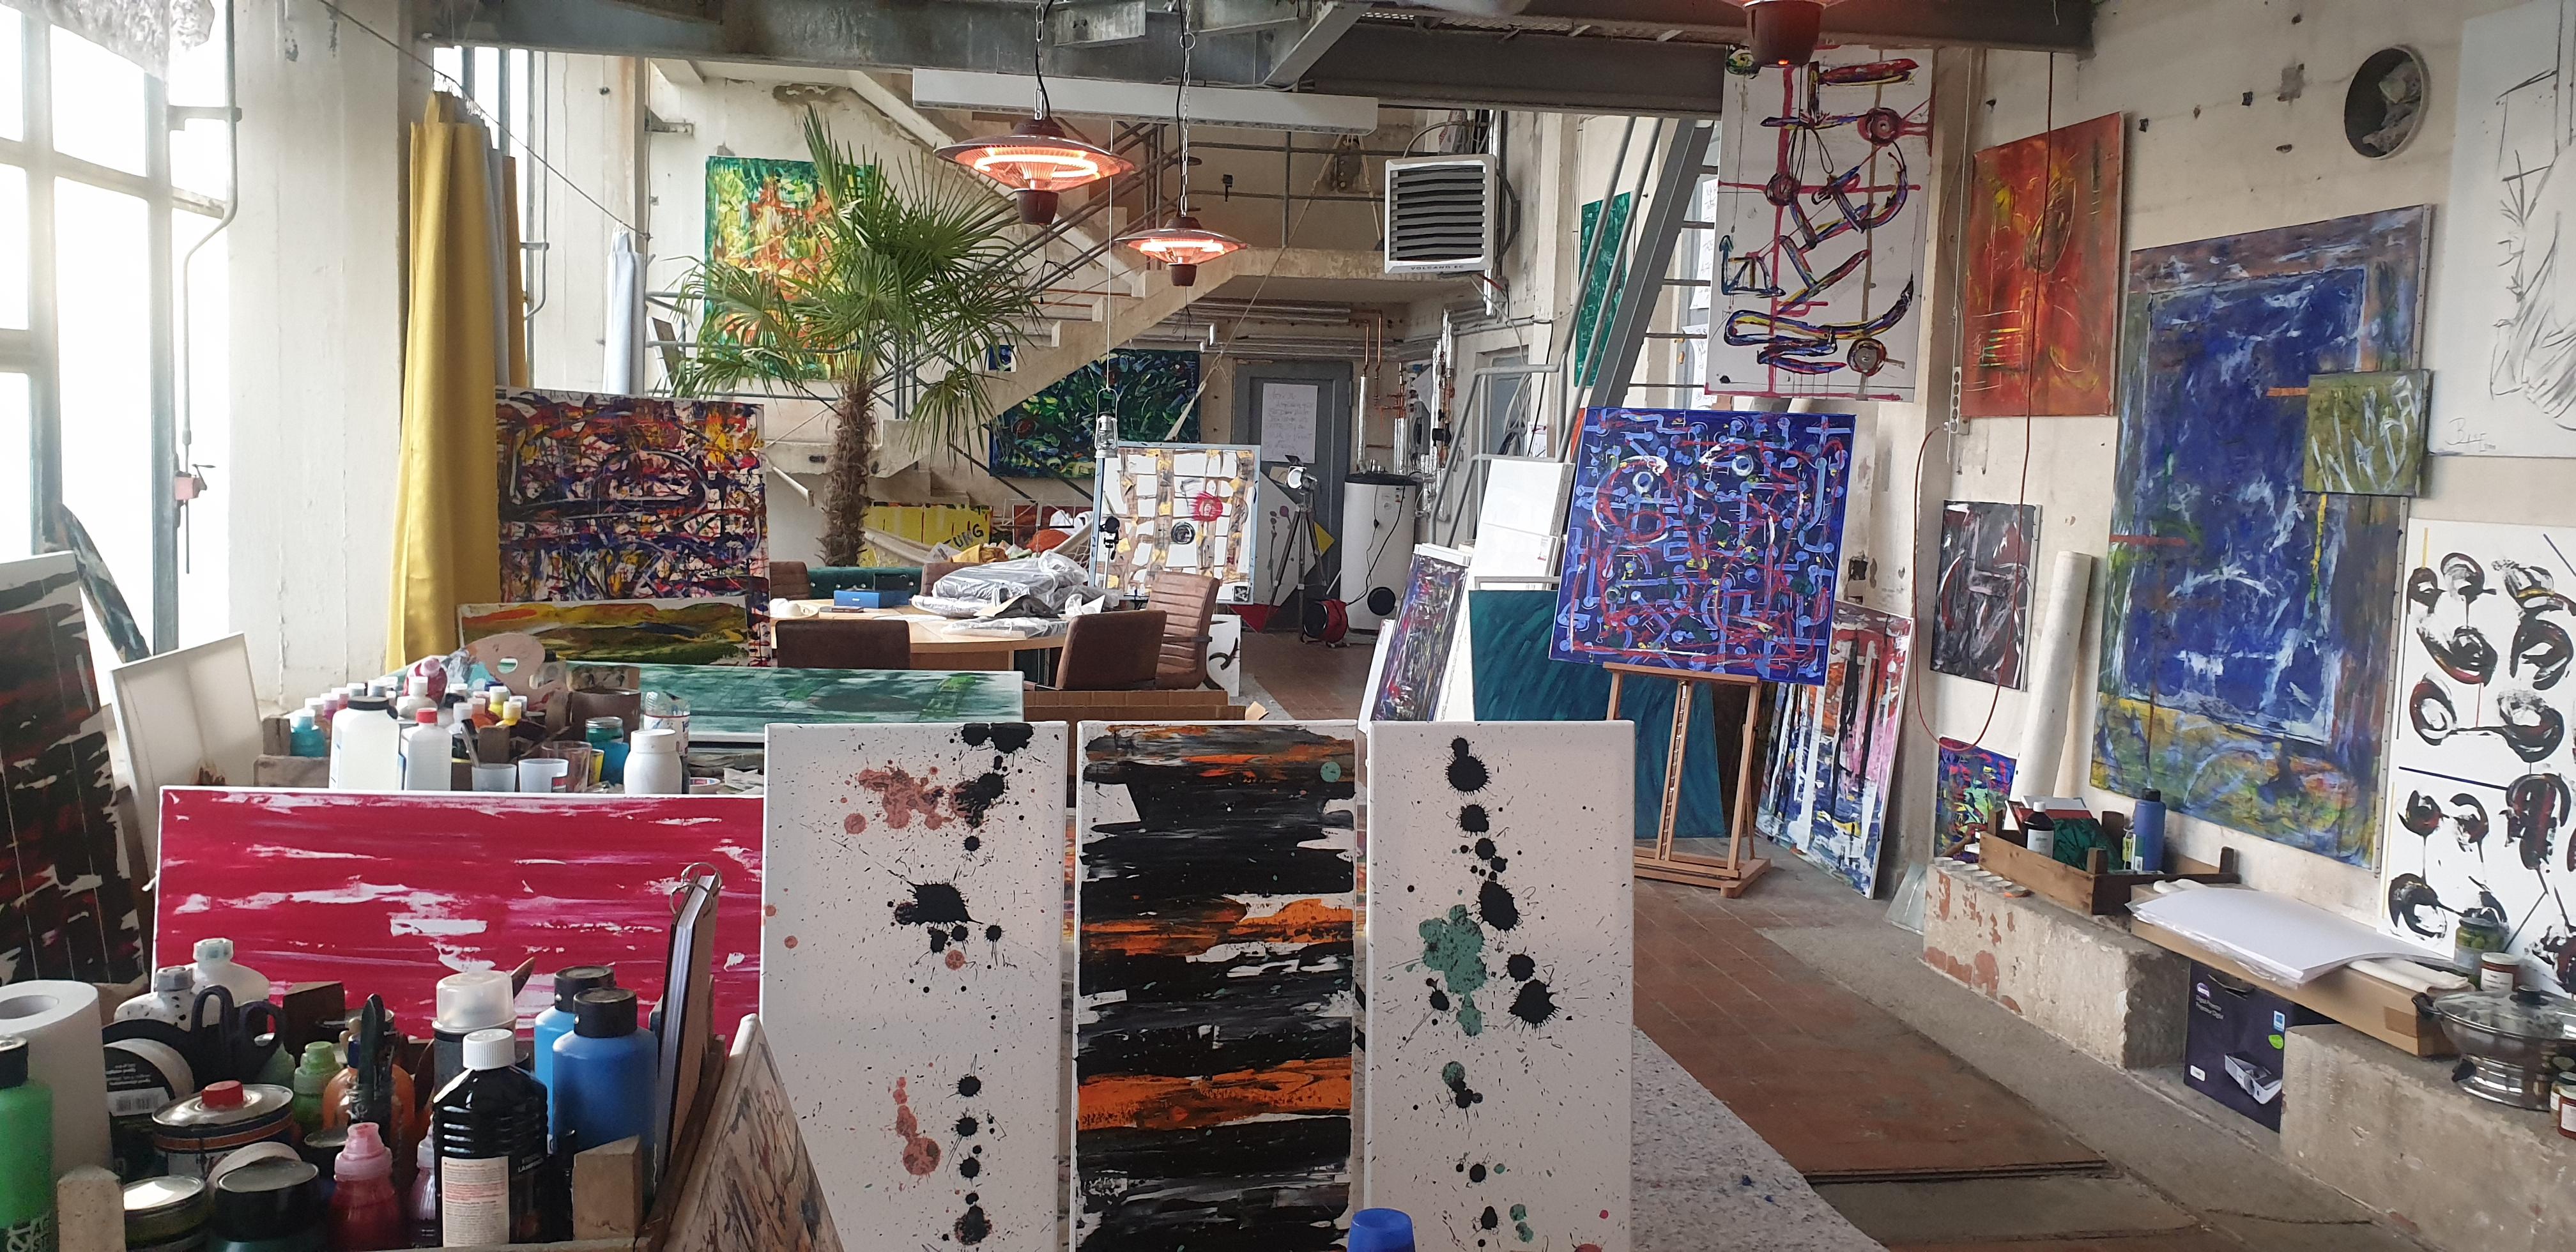 Ausstellungsbild: Neues Atelier vom Potsdamer Künstler Bernd Blase wird am 24.04.2021 in Senftenberg eröffnet